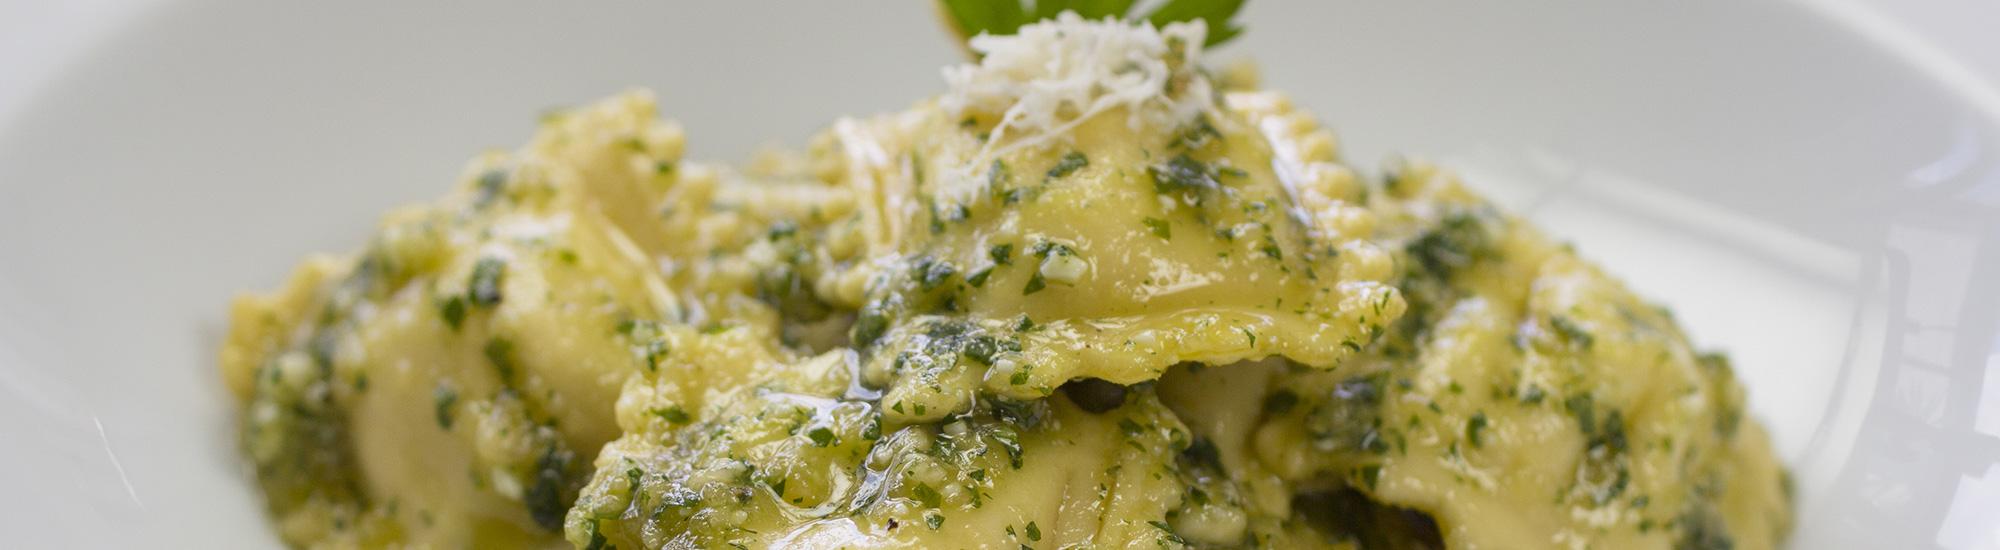 ricetta Ravioloni ricotta e spinaci al pesto di pistacchi con pasta fresca